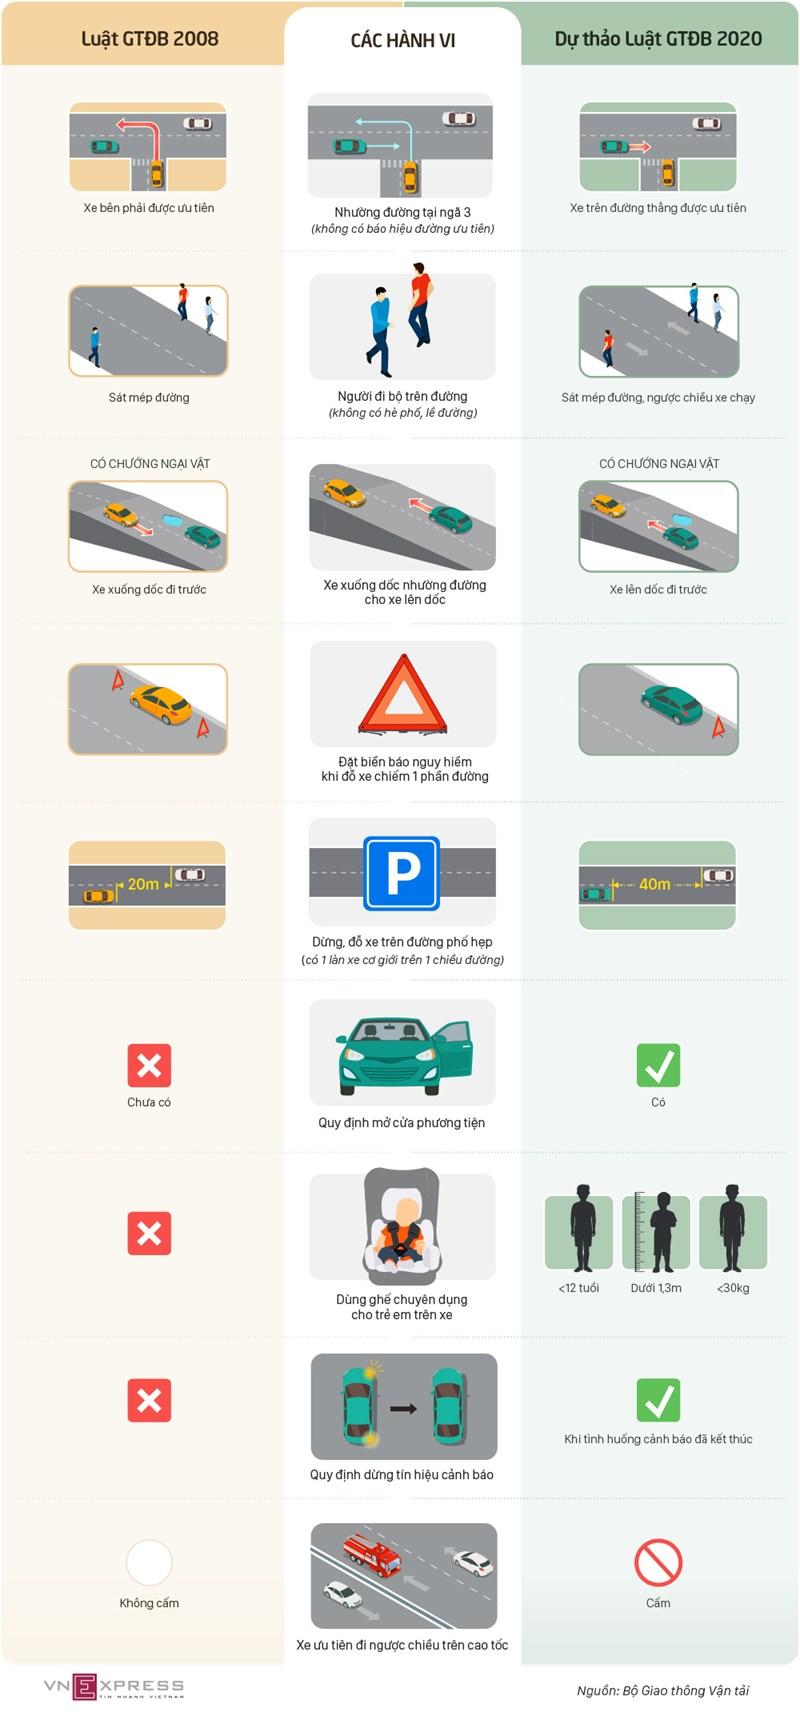 [Infographics] Những điểm thay đổi trong dự thảo Luật Giao thông đường bộ - Ảnh 1